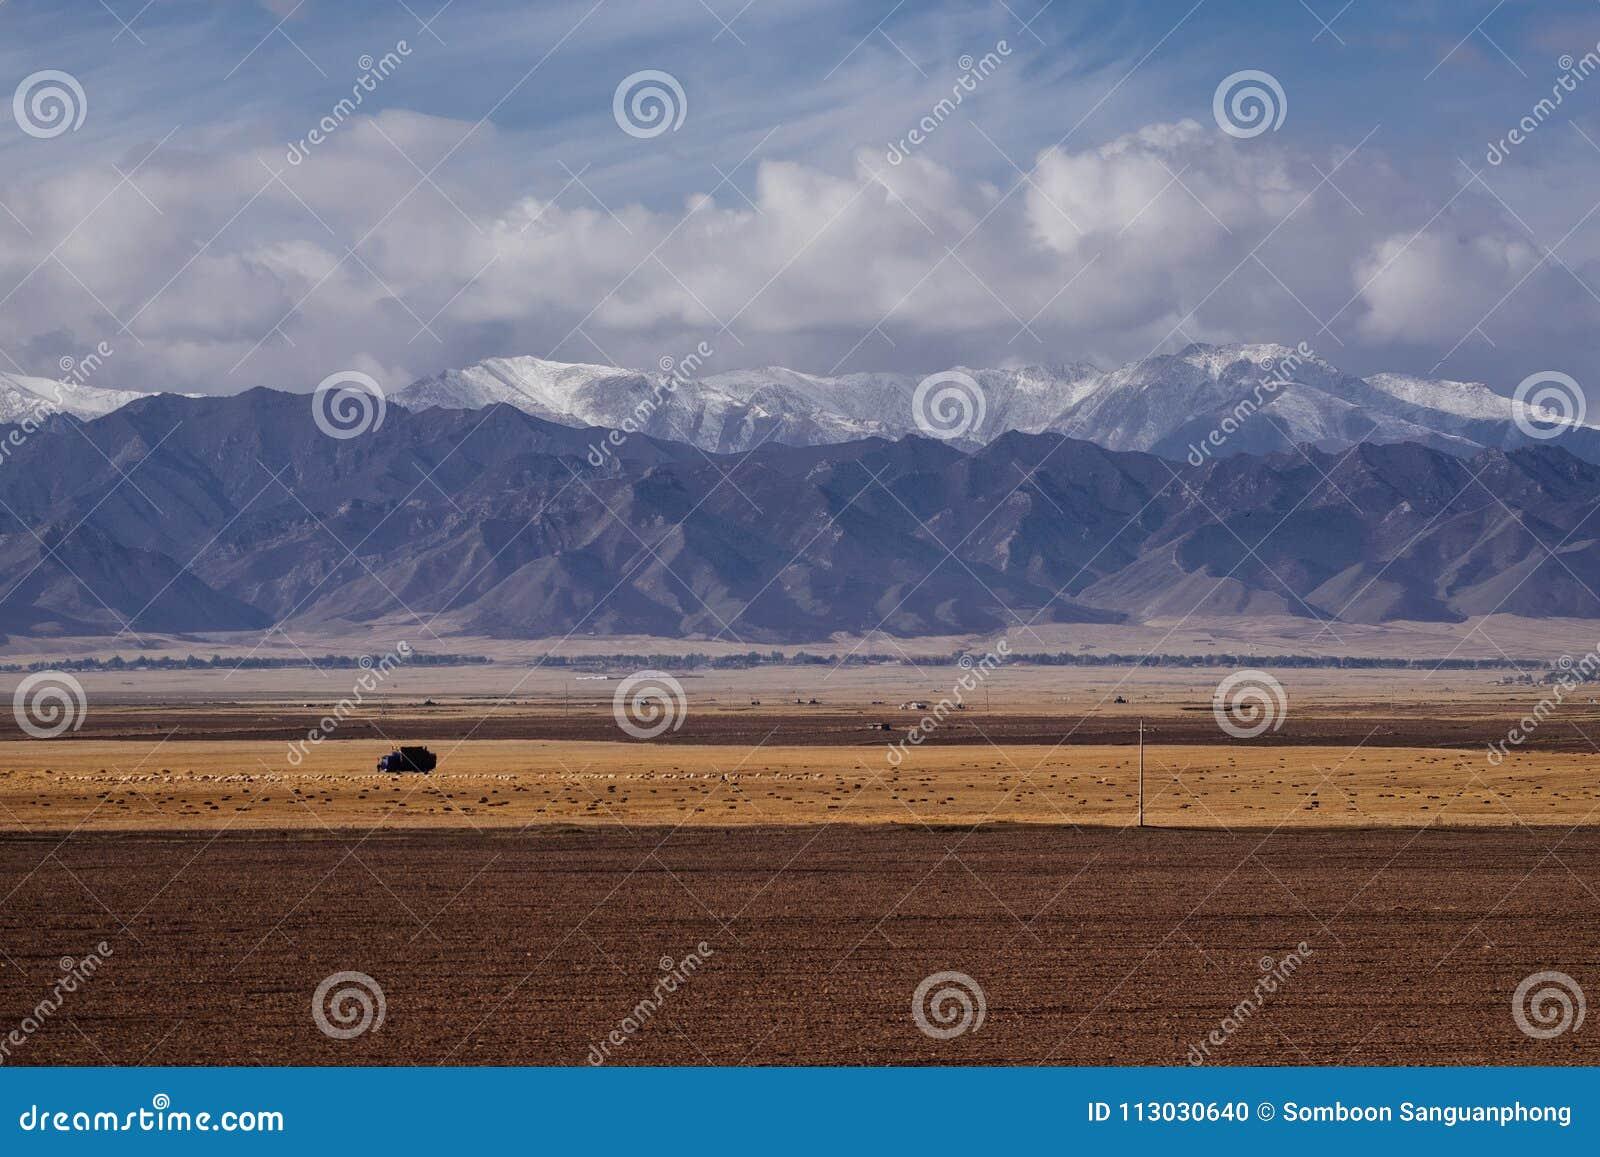 Pequeña ciudad en la provincia de Gansu, en el lado occidental de China